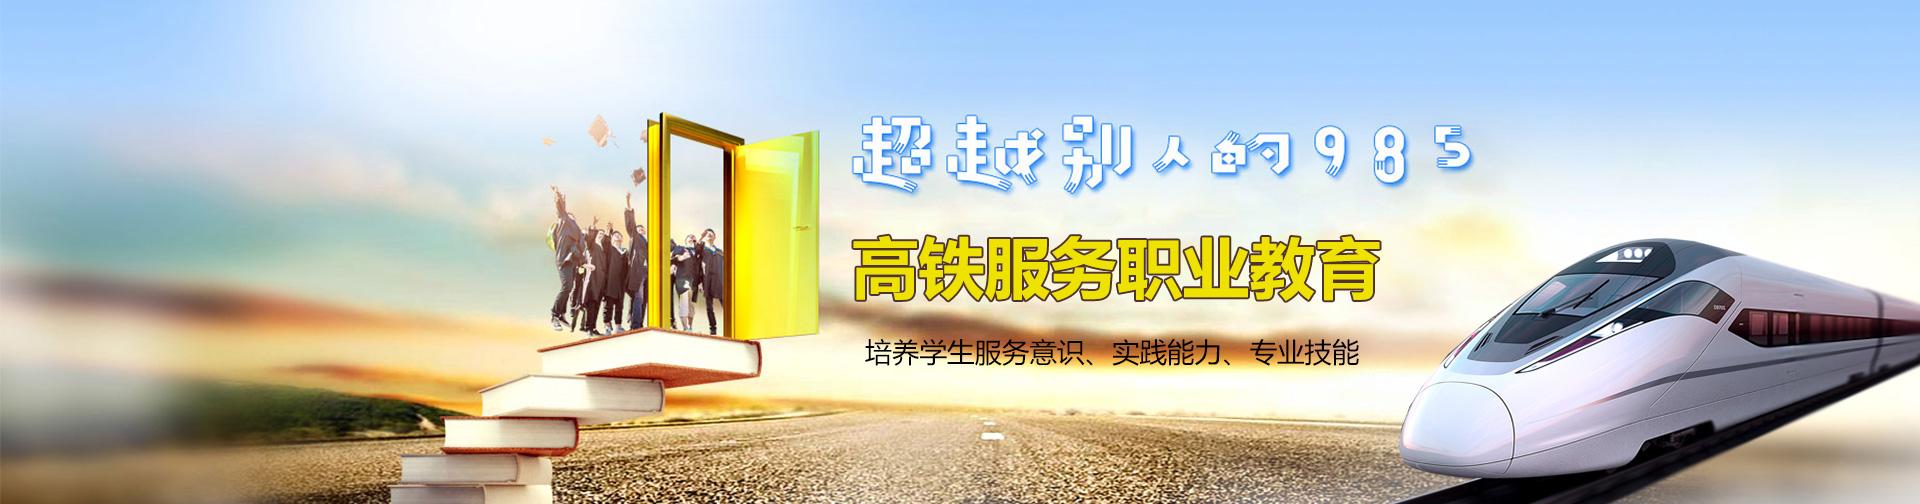 贵阳高铁招生学校